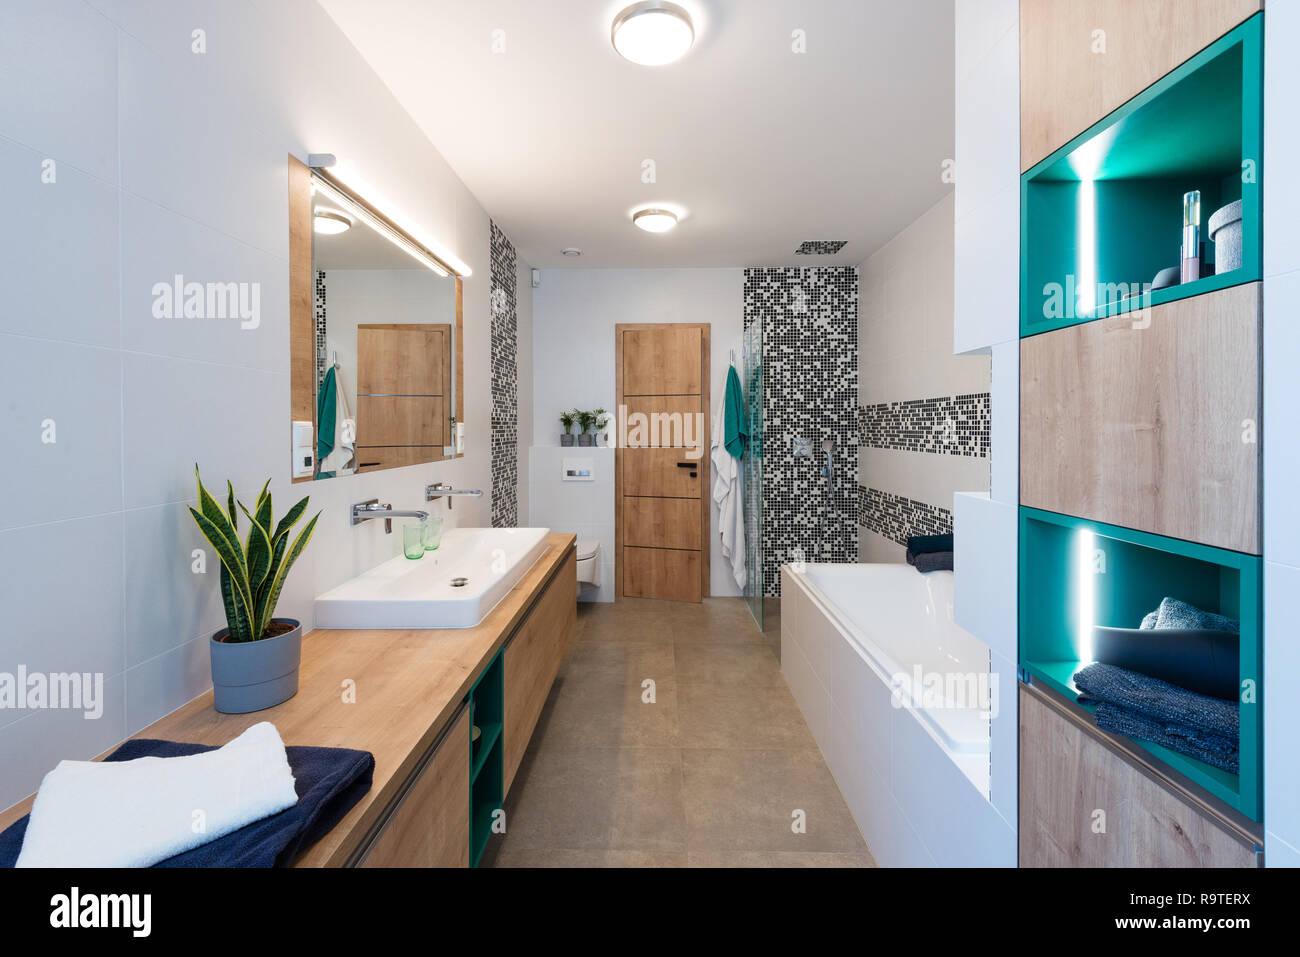 Doccia Con Vasca Piccola.Il Bagno Di Casa Moderna Con Una Piccola Sauna E Vasca Da Bagno E